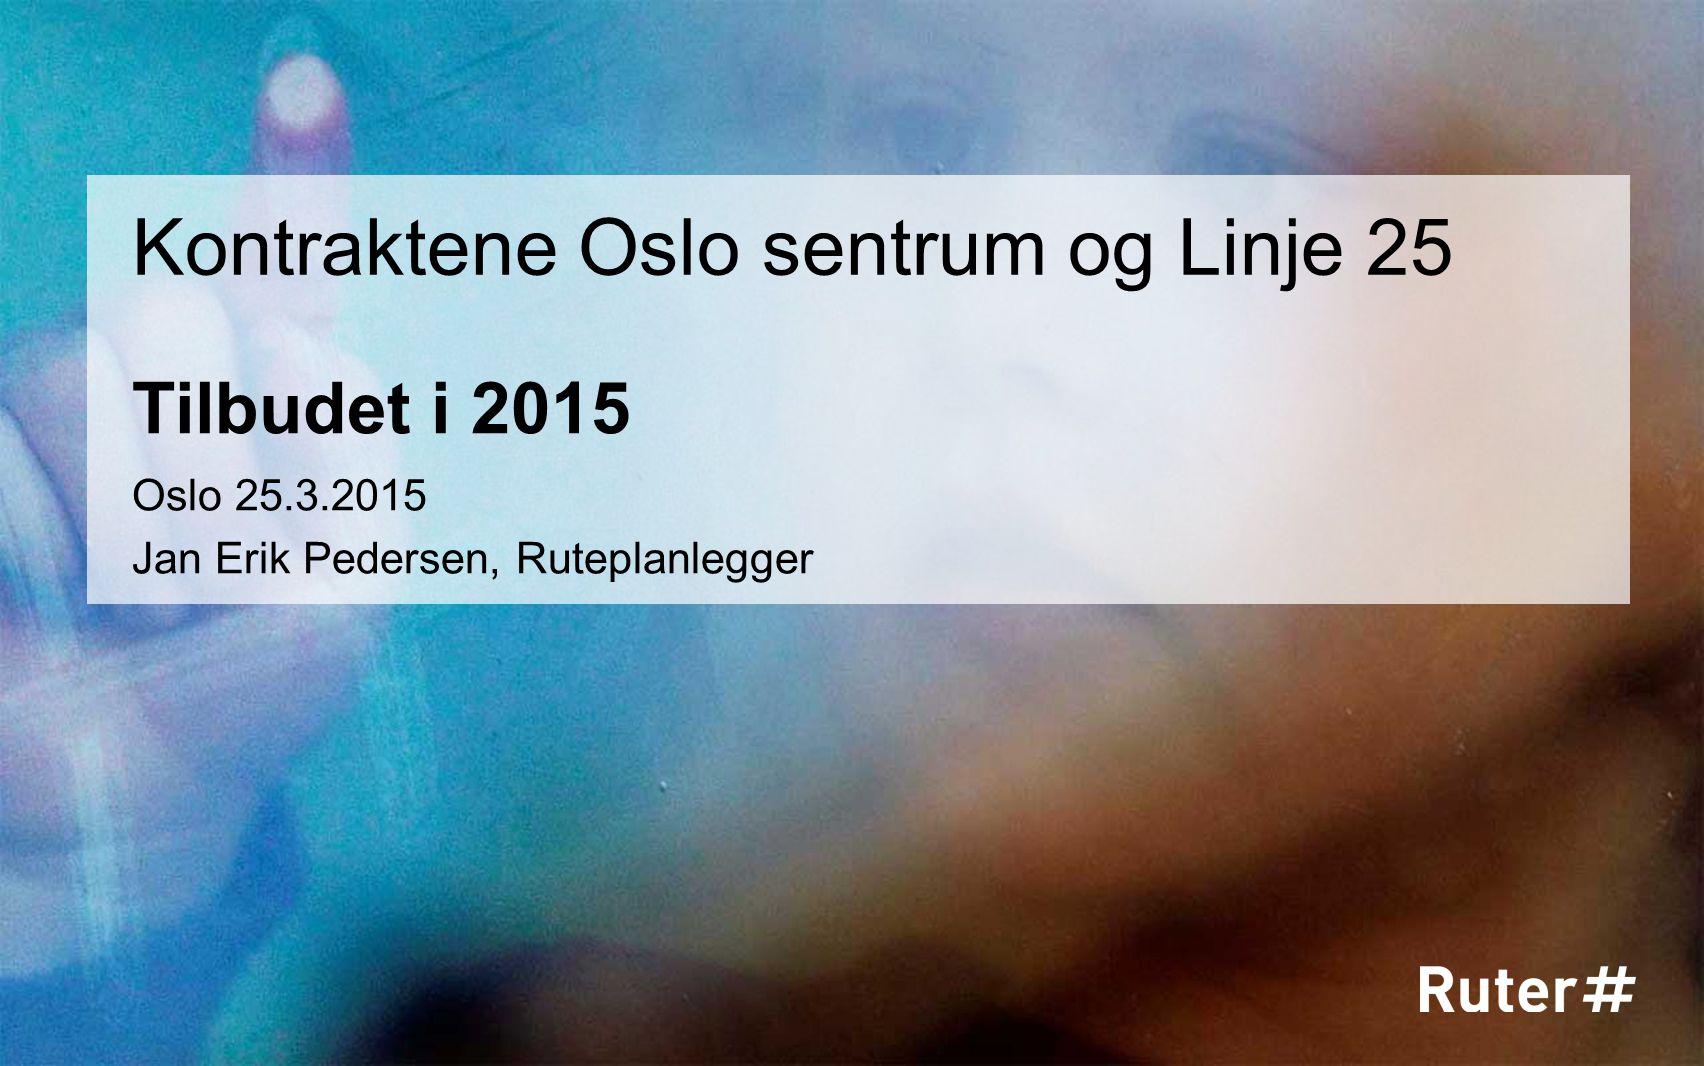 Tilbudet i 2015 Kontraktene Oslo sentrum og Linje 25 Oslo 25.3.2015 Jan Erik Pedersen, Ruteplanlegger